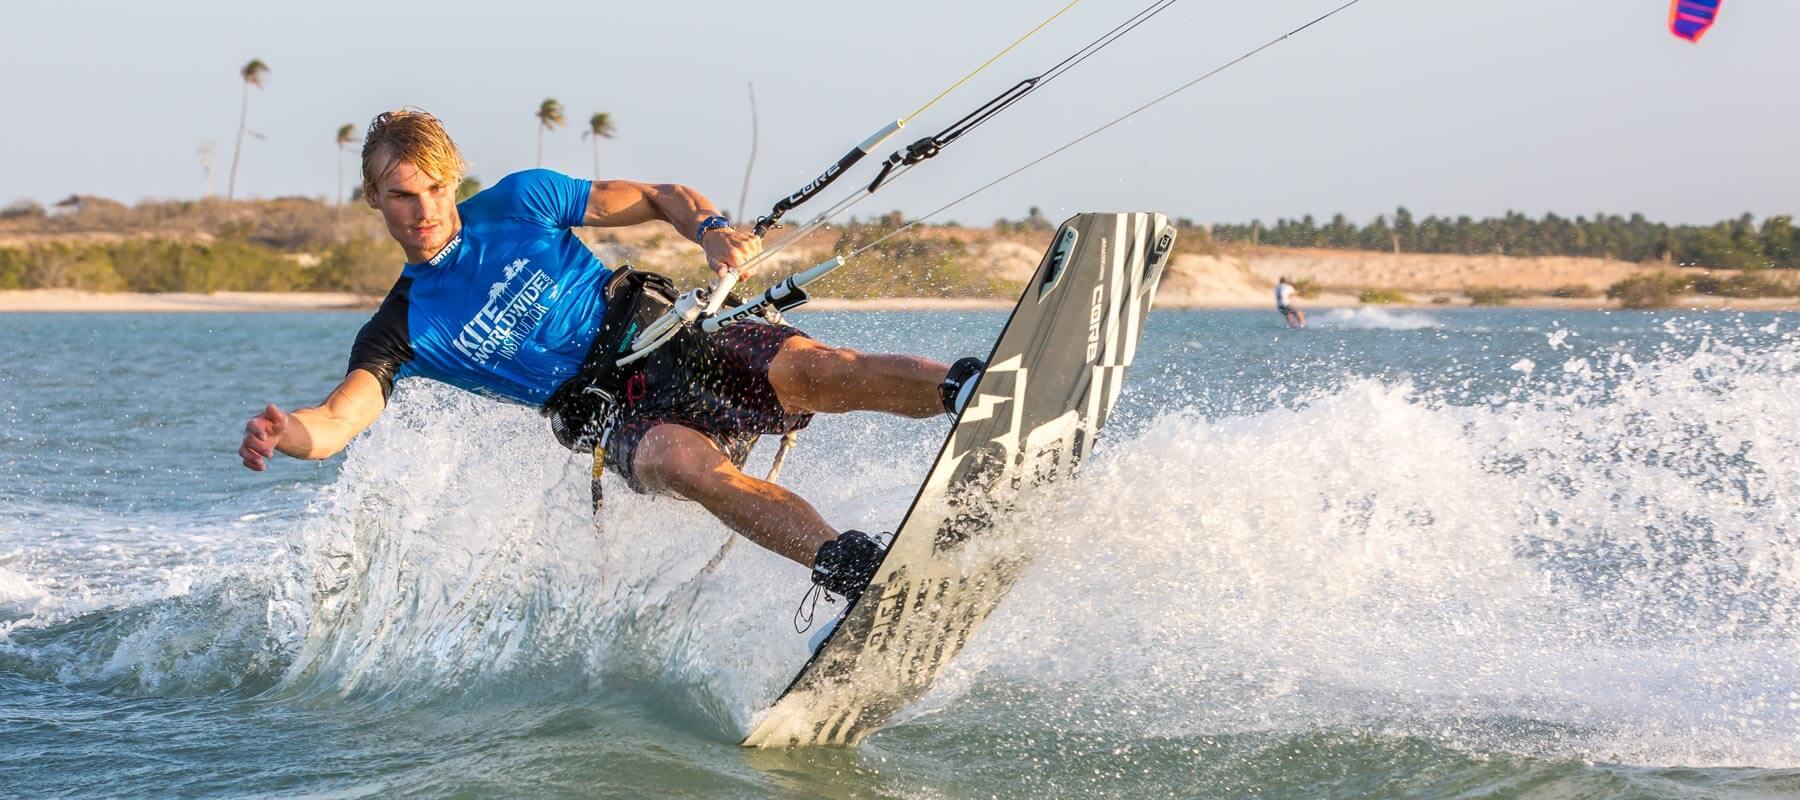 Kiteworldwide - Tatajuba Brasilien Kitesurfen und Kitereisen